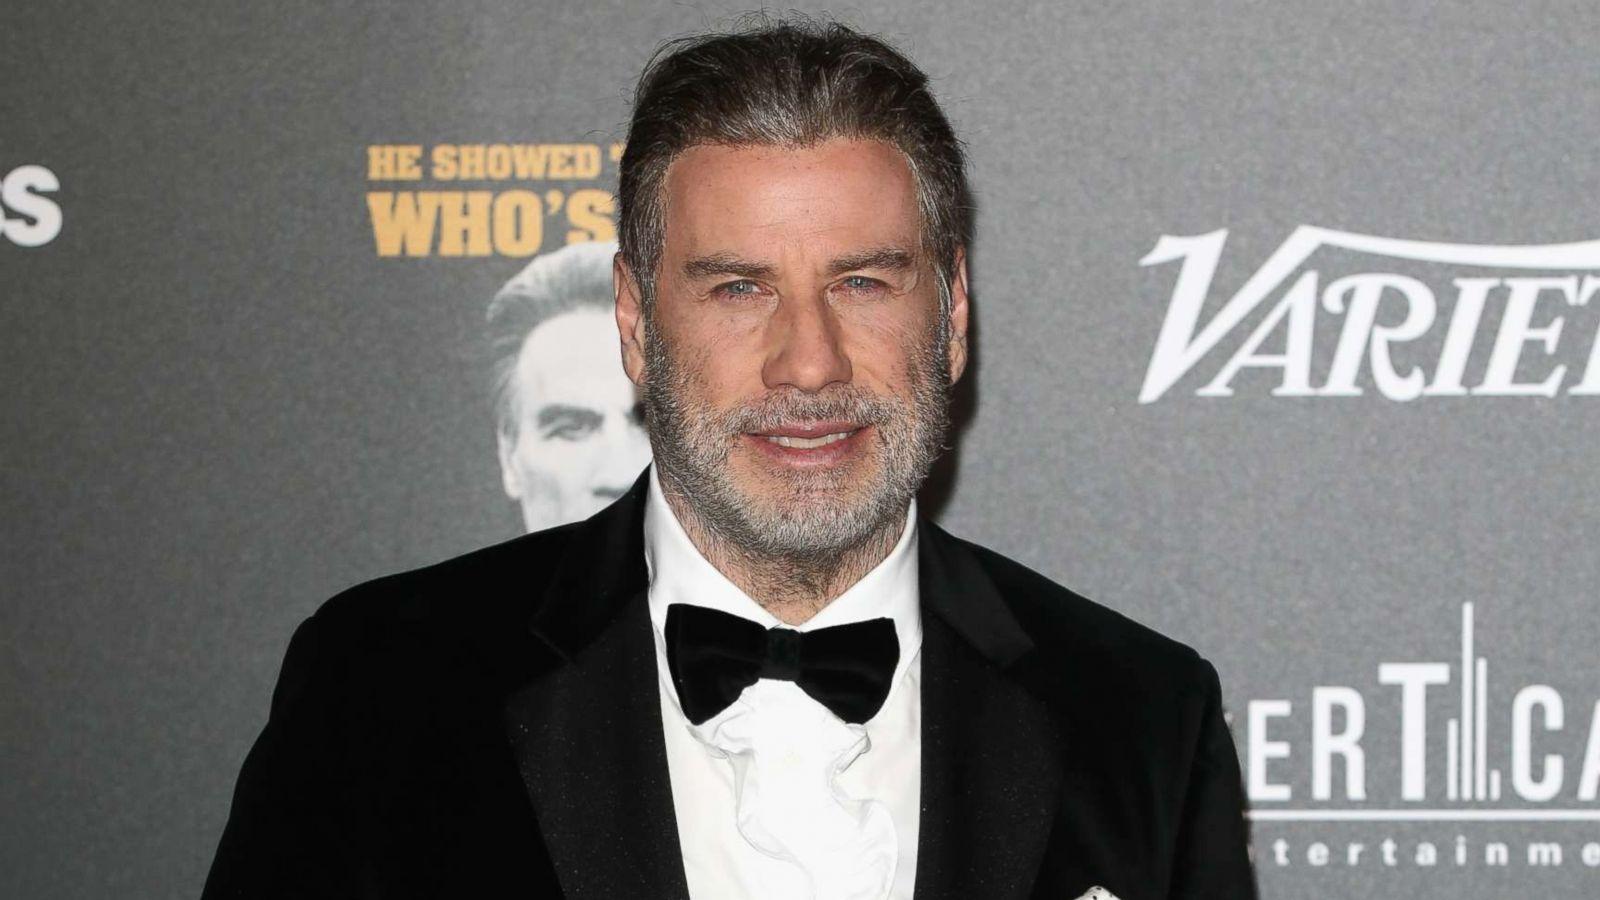 Apos;Grease' at 40: John Travolta finally discusses